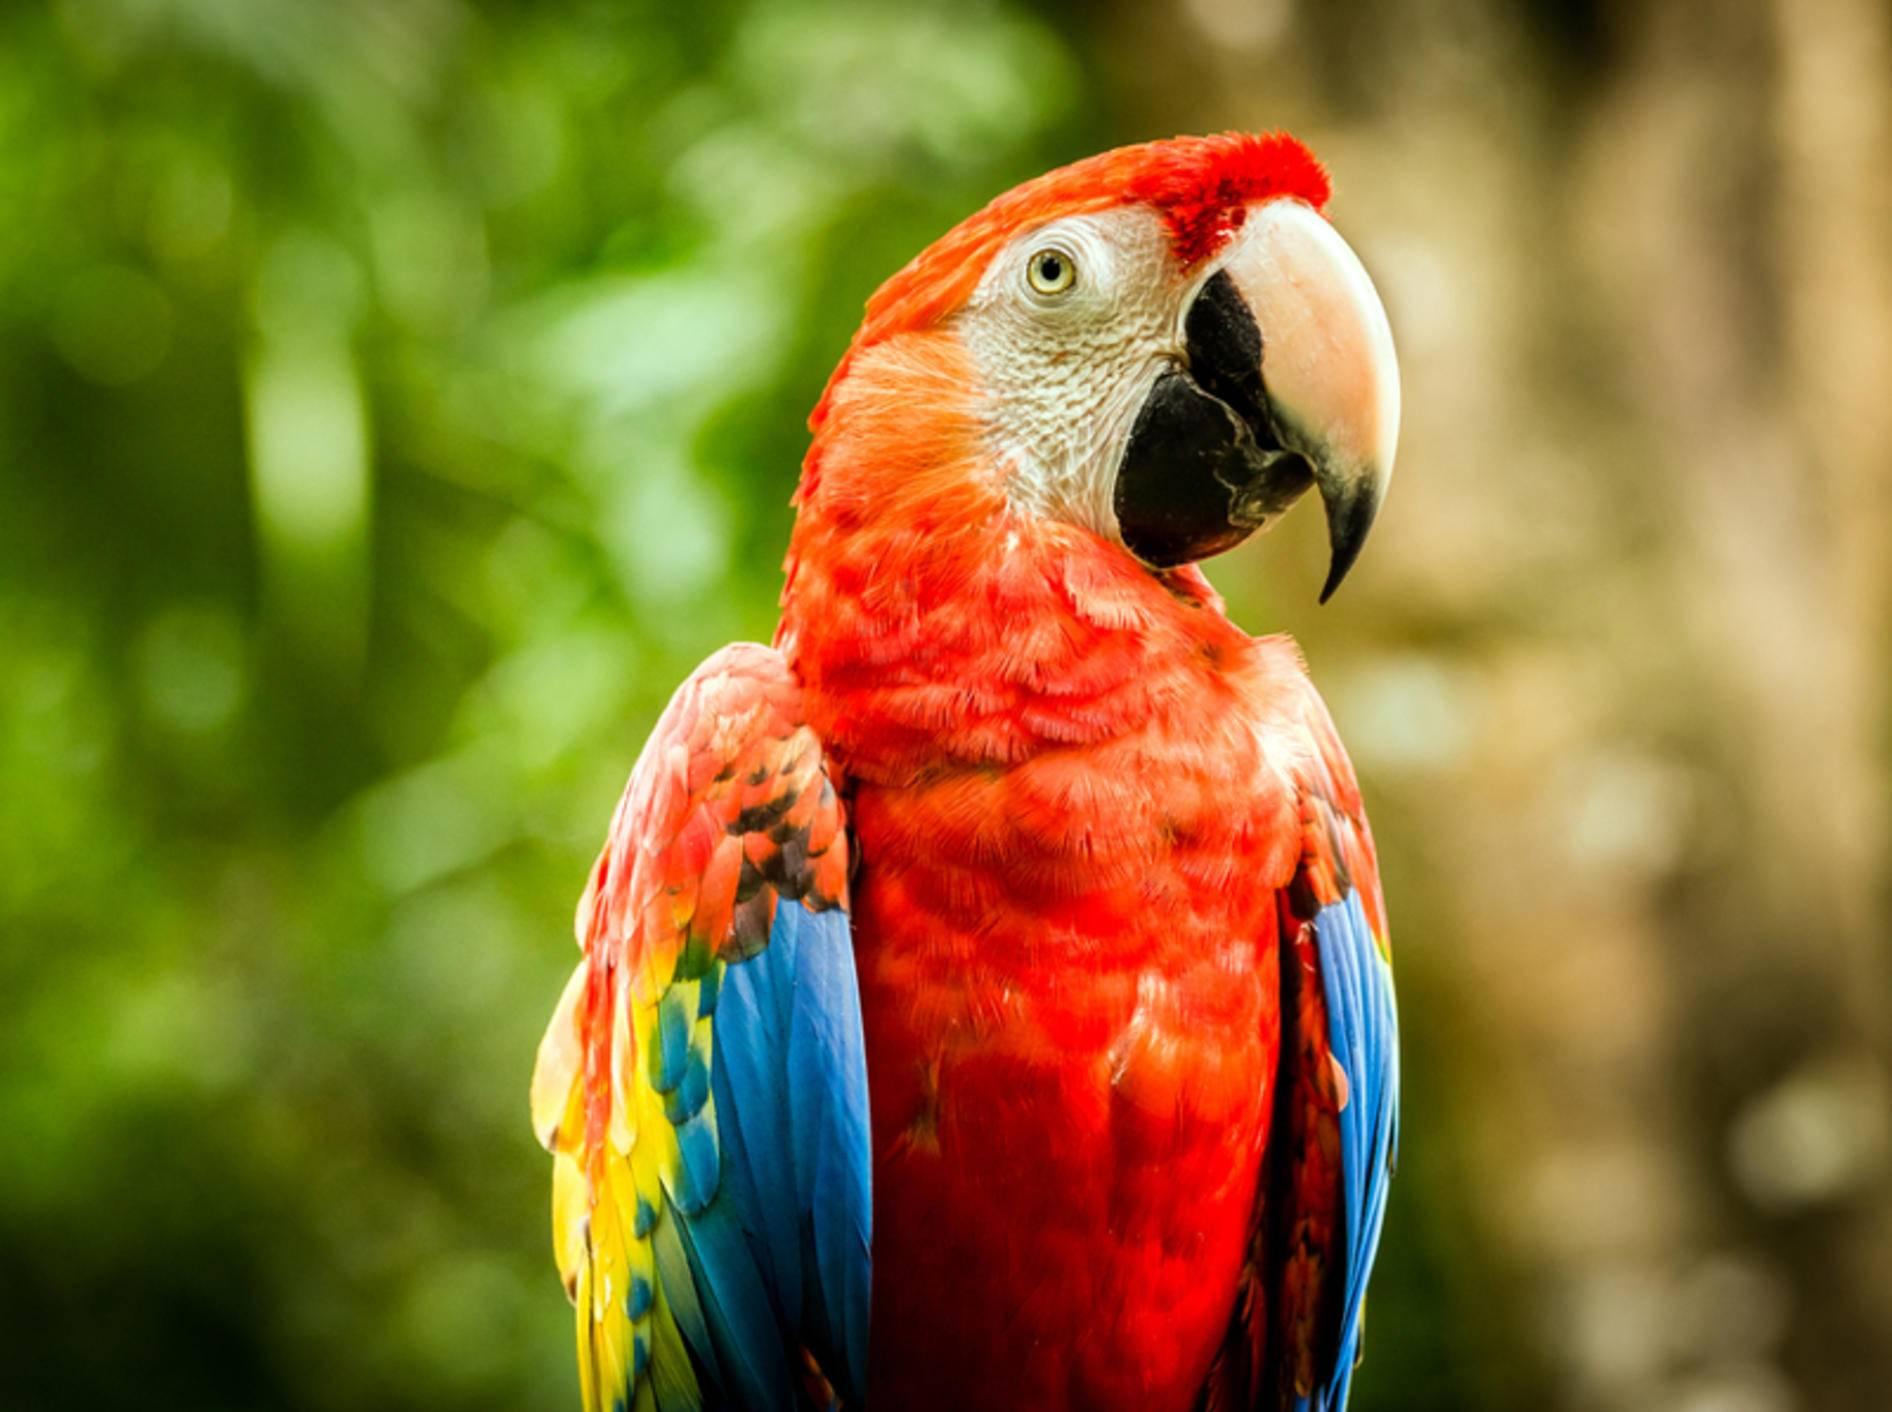 Papageien als Haustiere halten? Die Federfreunde sind quirlige, intelligente Tiere, die aber auch viel Pflege benötigen – Shutterstock / Maciej Czekajewski